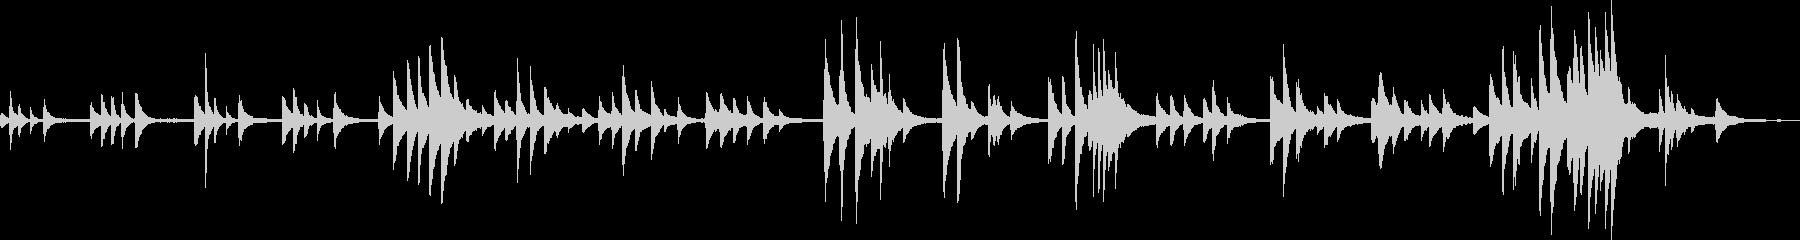 とある雪の日(ピアノ・幻想的・BGM)の未再生の波形